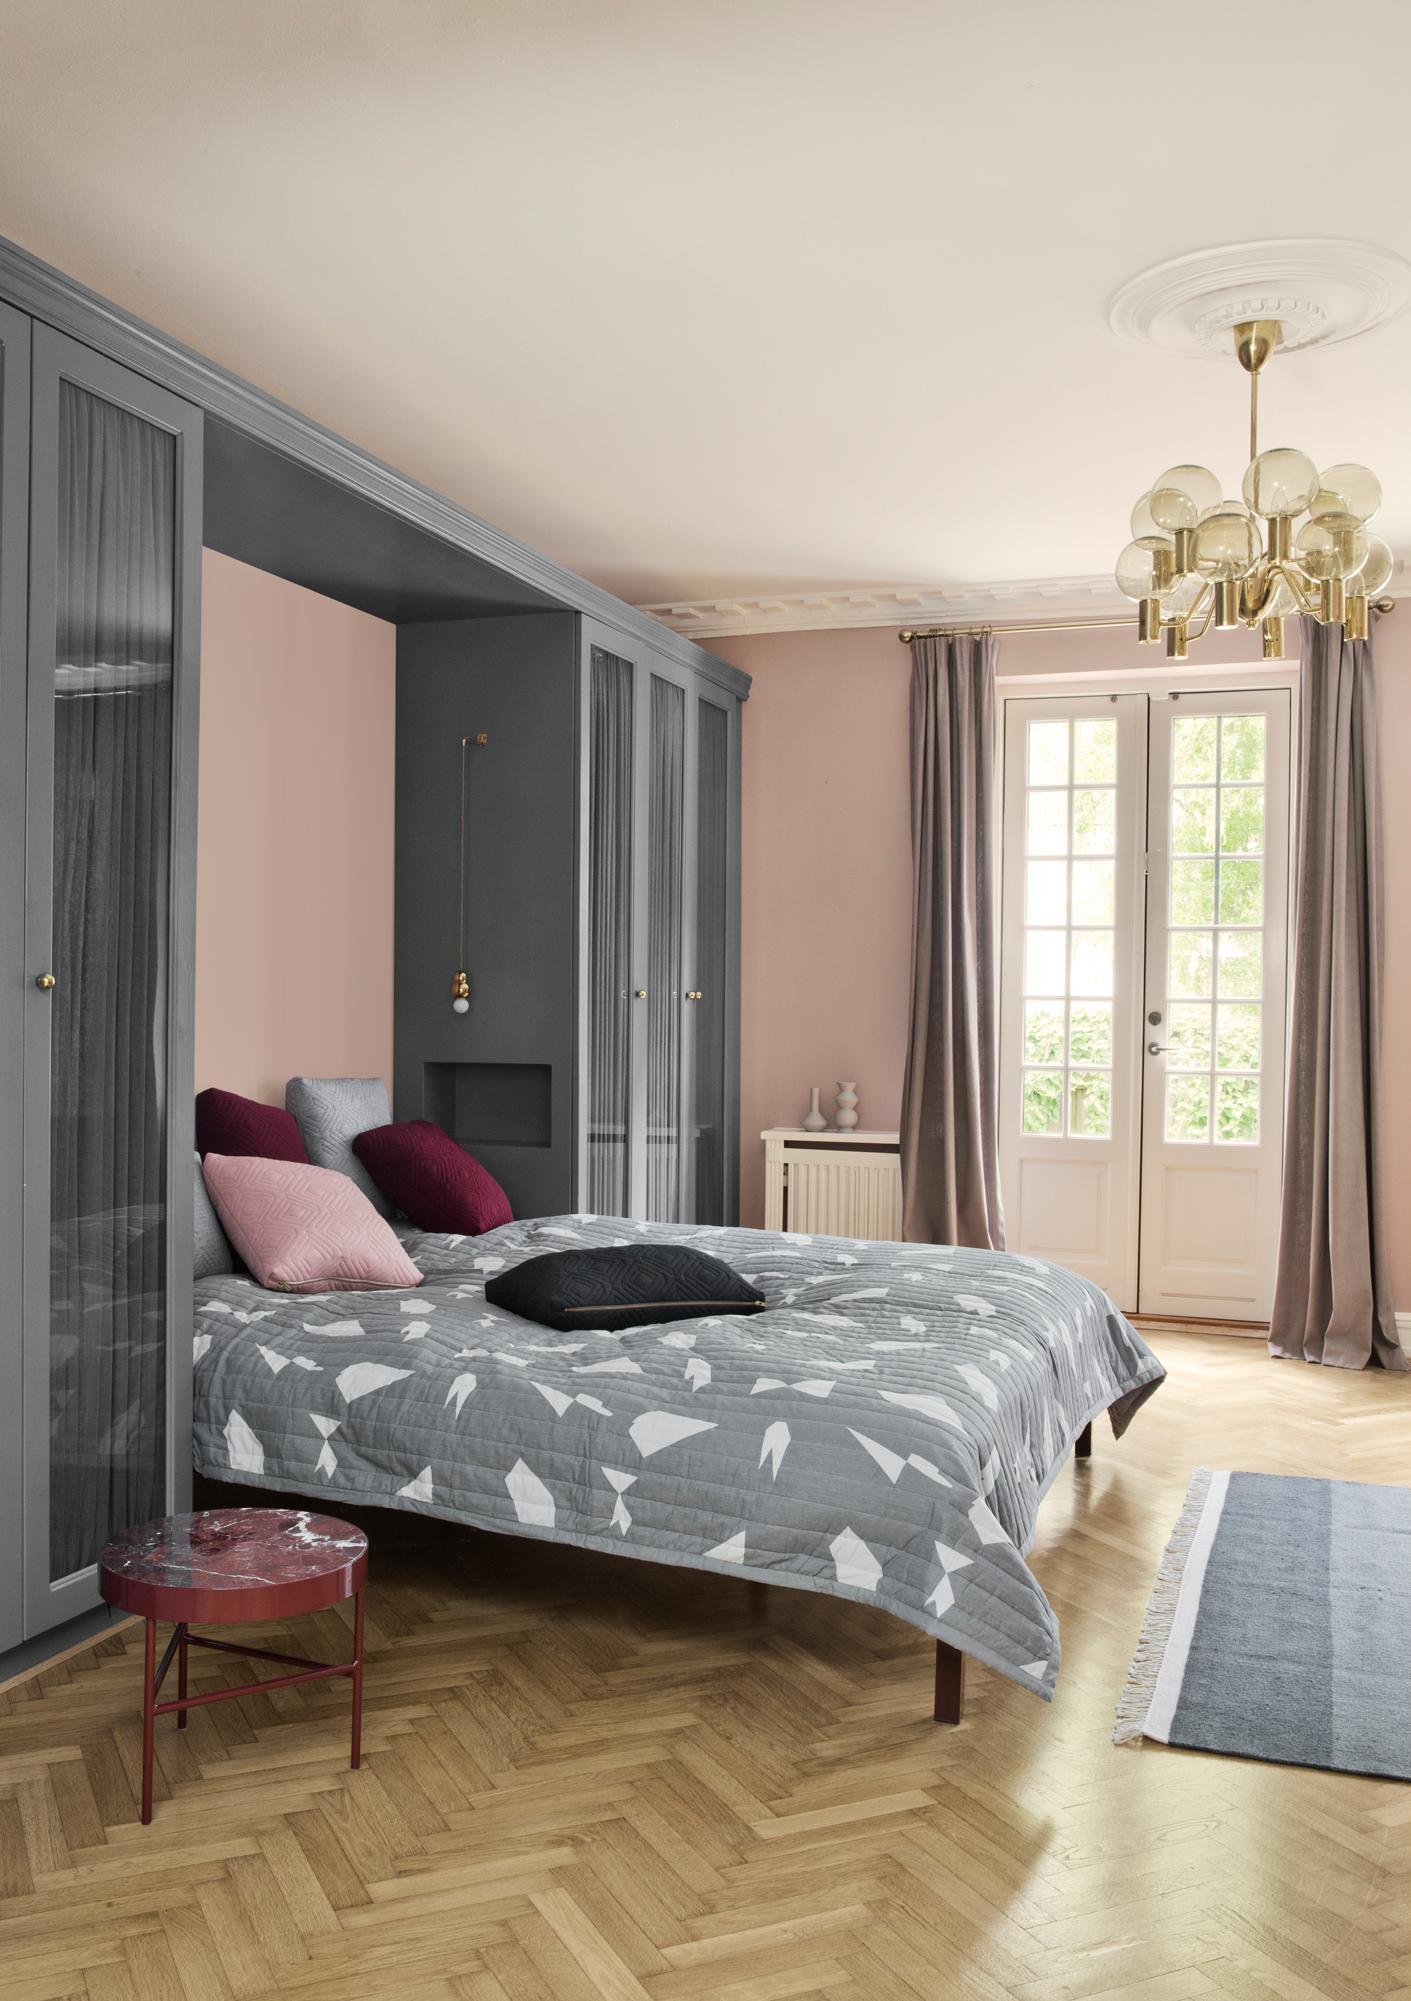 Schlafzimmer In Grau Rosa #kronleuchter #klappbett #grauewandfarbe  #schlafzimmergestalten ©Ferm Living